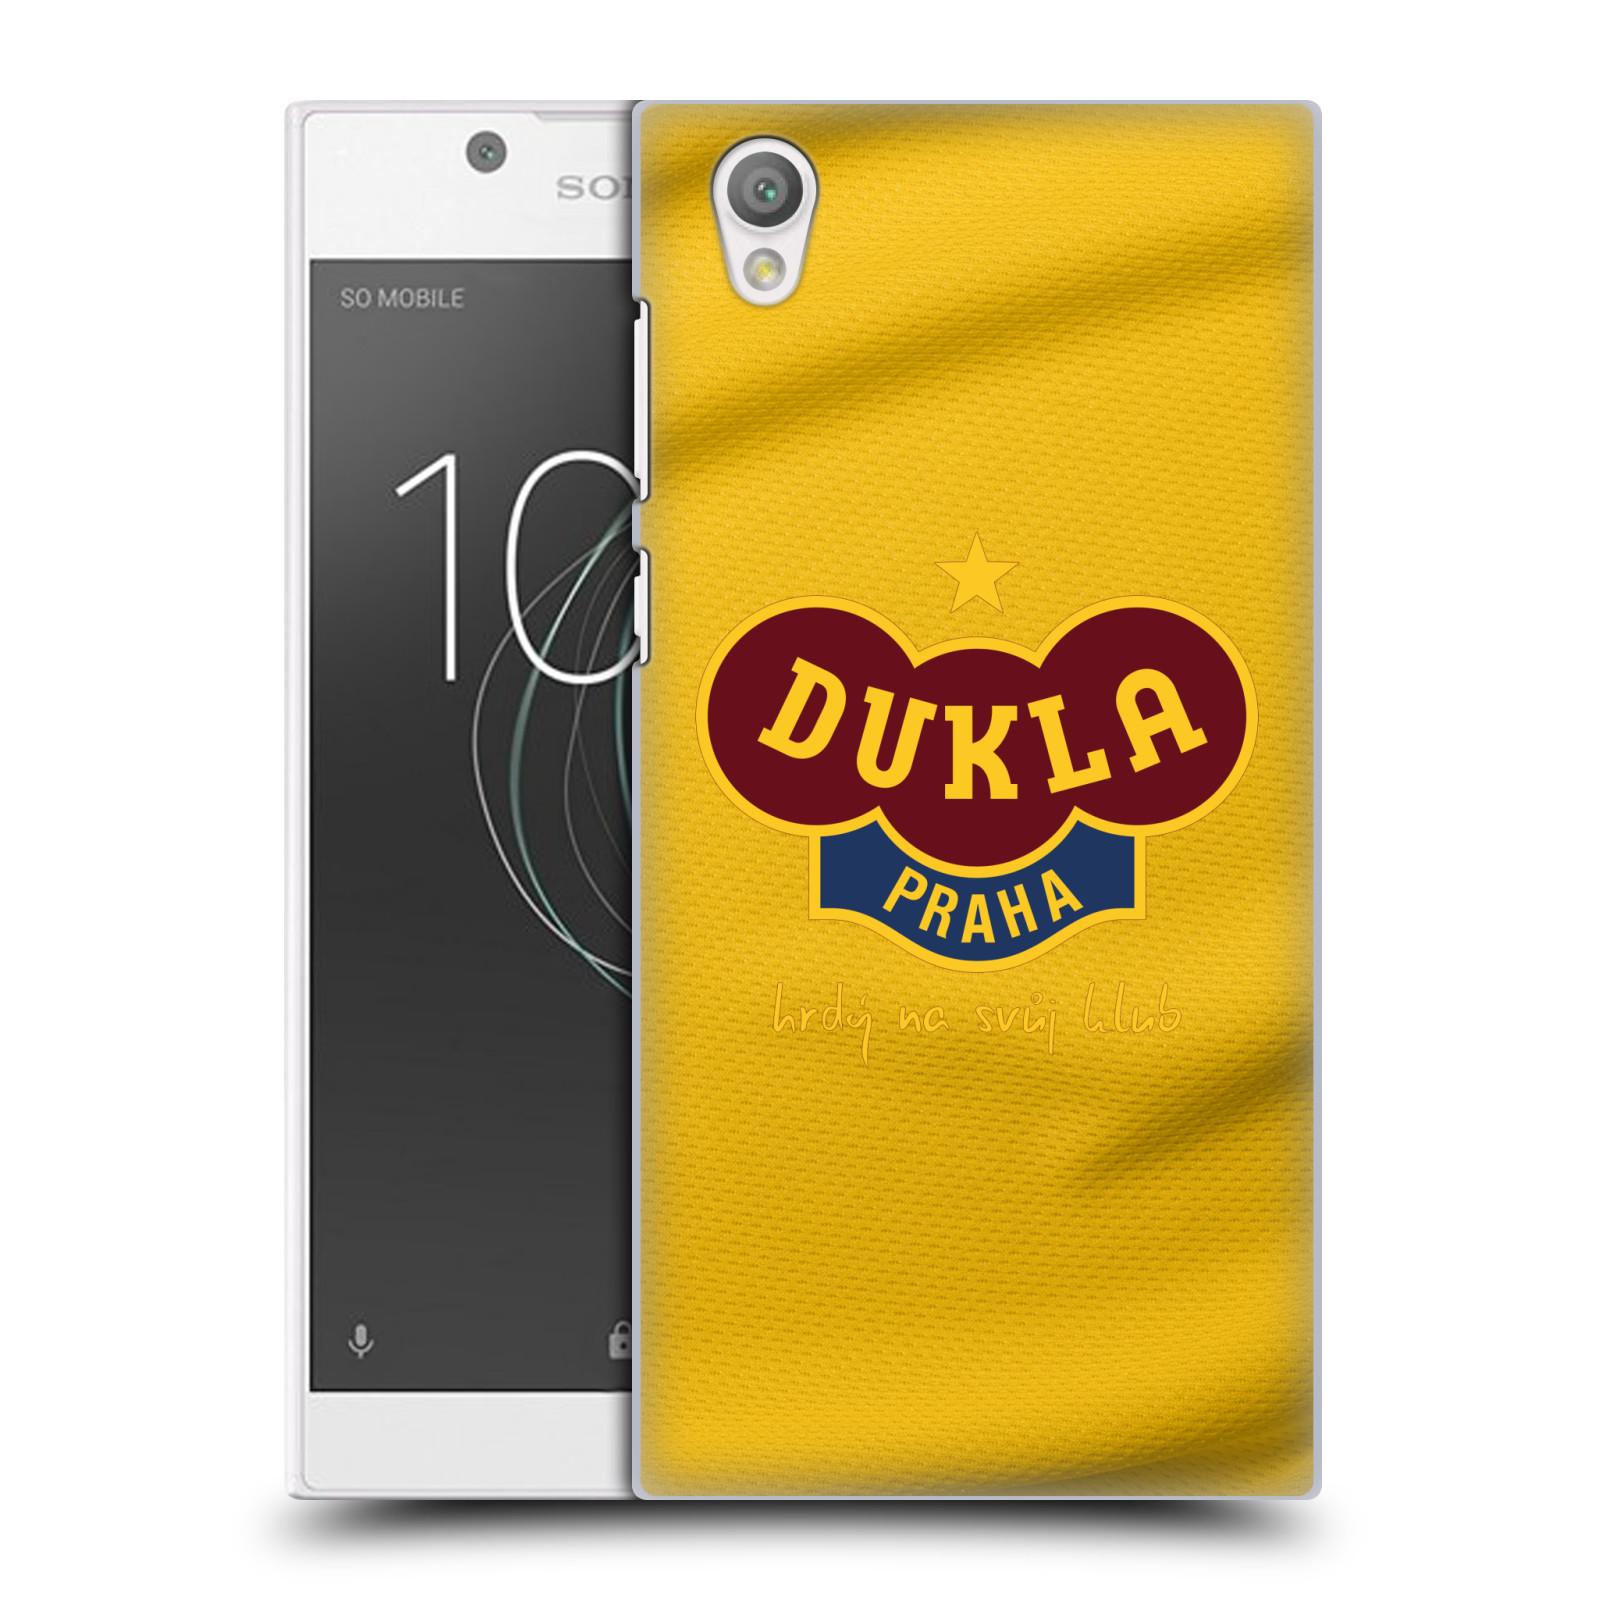 Plastové pouzdro na mobil Sony Xperia L1 - FK Dukla Praha - Žlutý dres